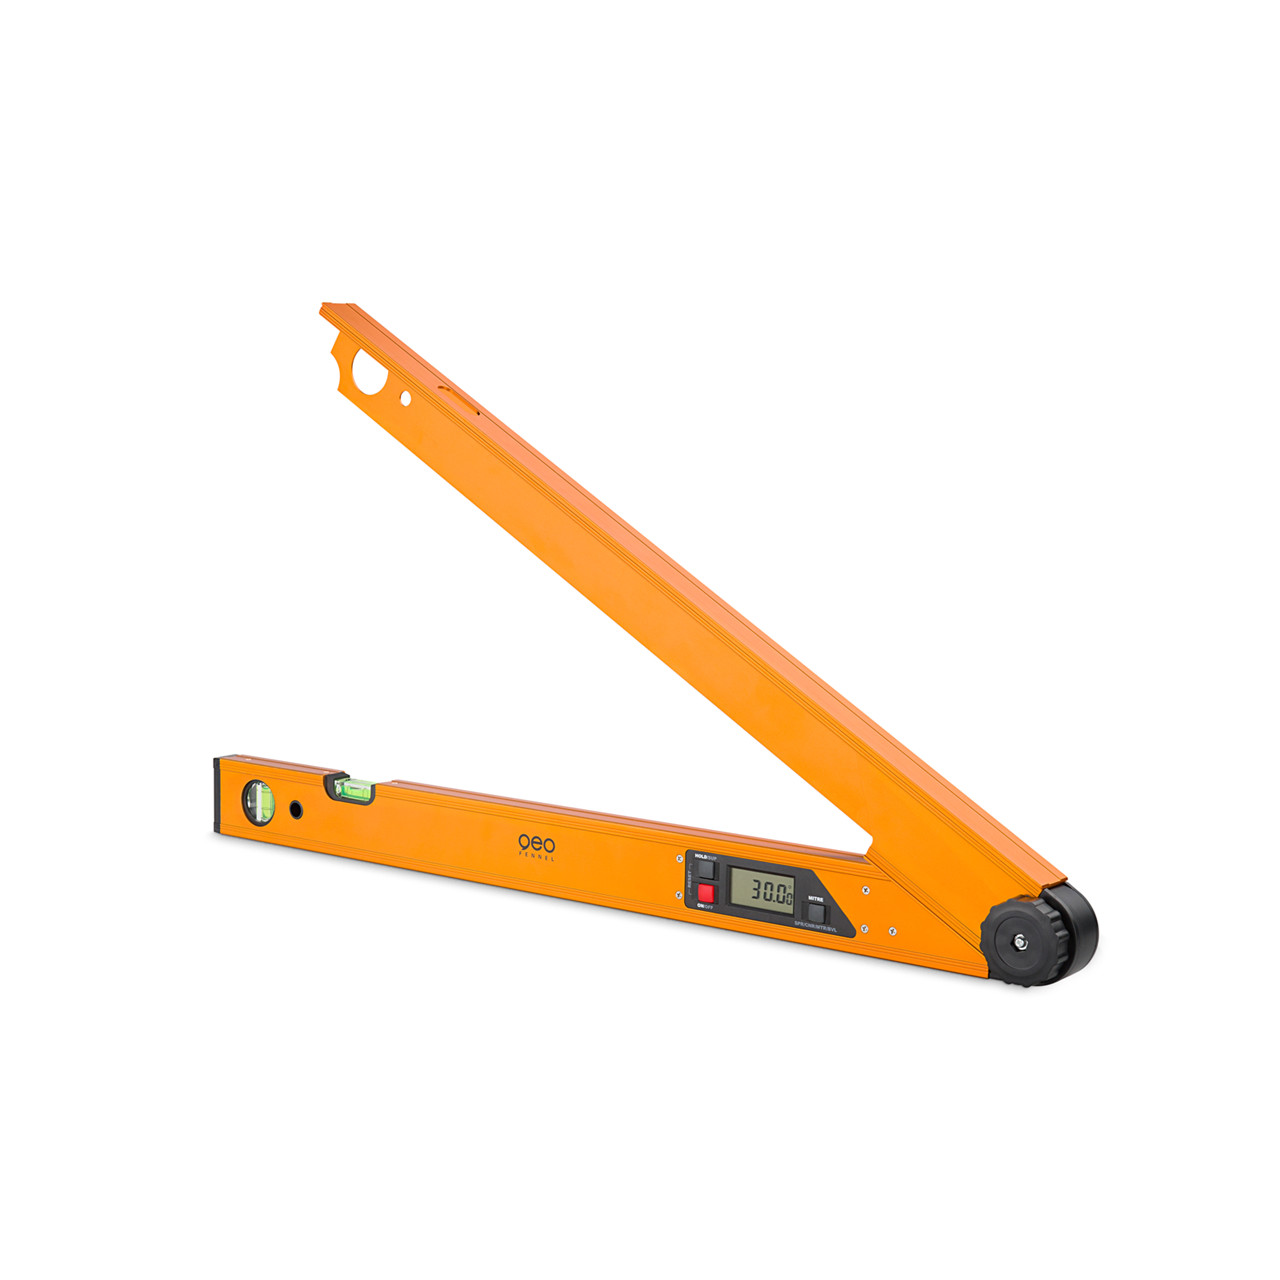 geoFENNEL A-Digit 75 elektronisk vinkelmåler - Værktøj -> Håndværktøj -> Vinkler og vaterpas -> Gradmåler|Værktøj -> Håndværktøj -> Vinkler og vaterpas|Værktøj -> Laser og måleinstrumenter|Mærker -> geo-FENNEL -> geo-FENNEL Måleinstrumenter|Mærker -> geo-FENNEL